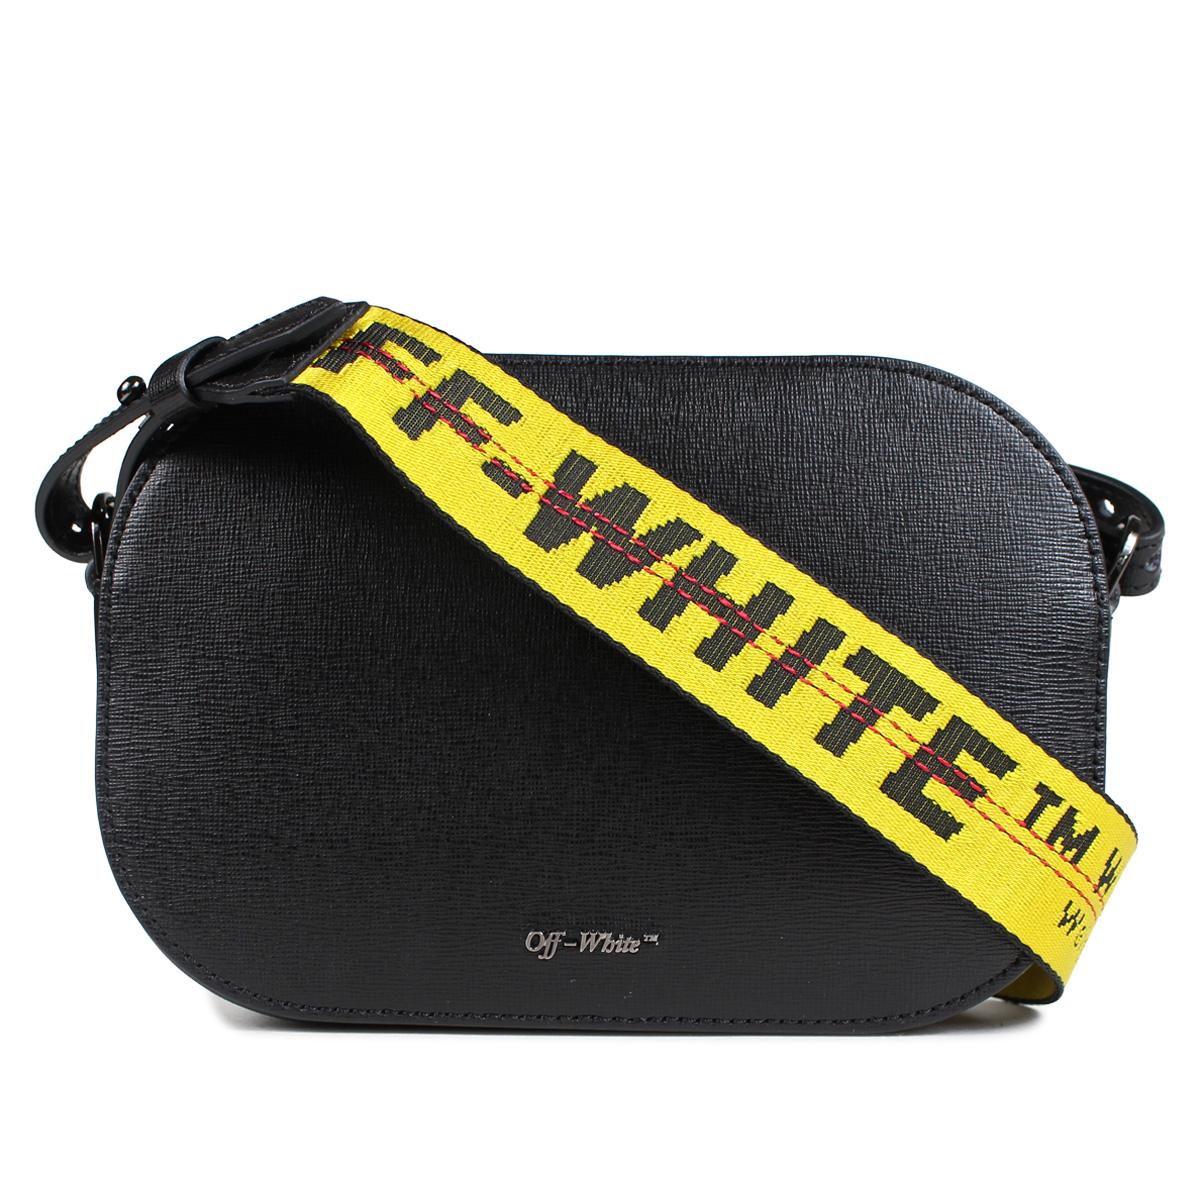 9c9b62a5d0 Off-white SCULPTURE CAMERA STRAP BAG off-white bag shoulder bag Lady s black  OWNA054 423051  11 20 Shinnyu load   1811